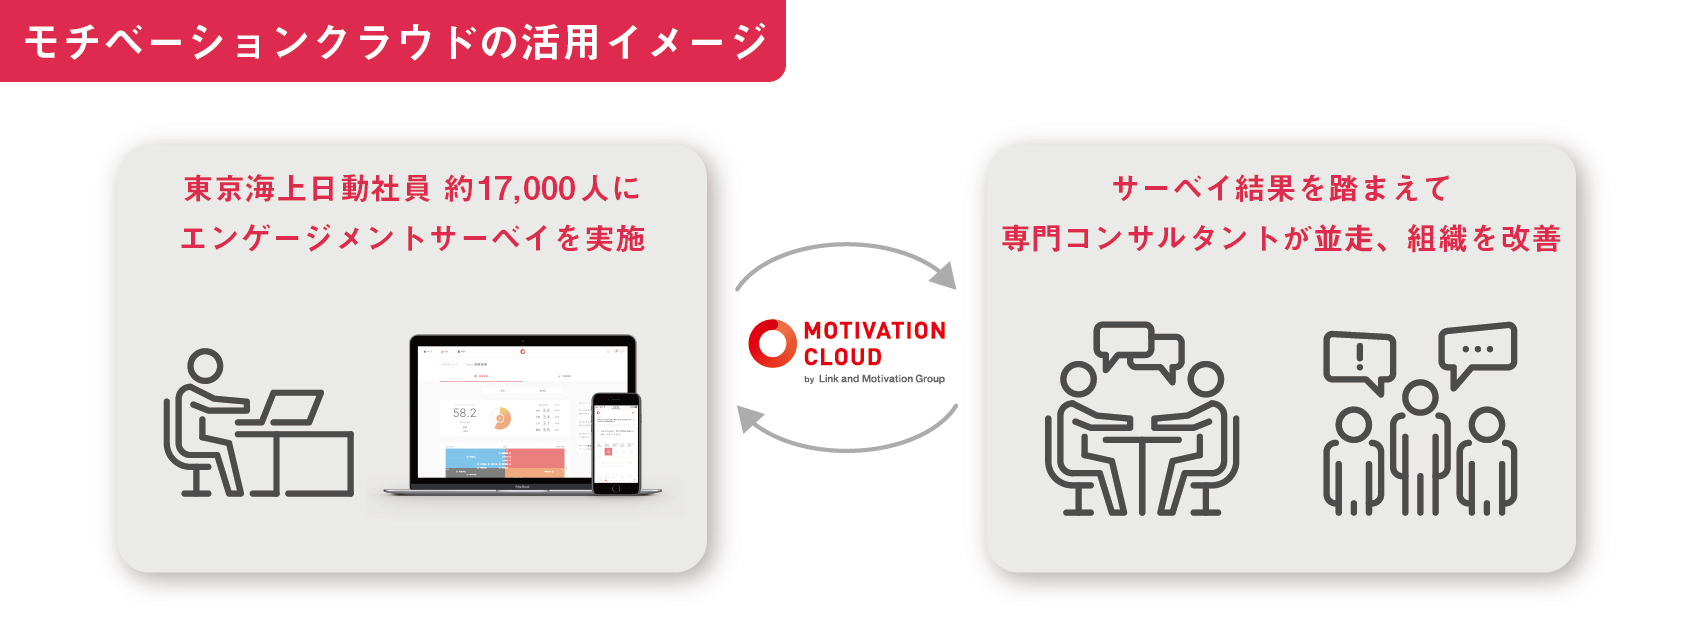 海上 火災 会社 株式 日動 保険 東京